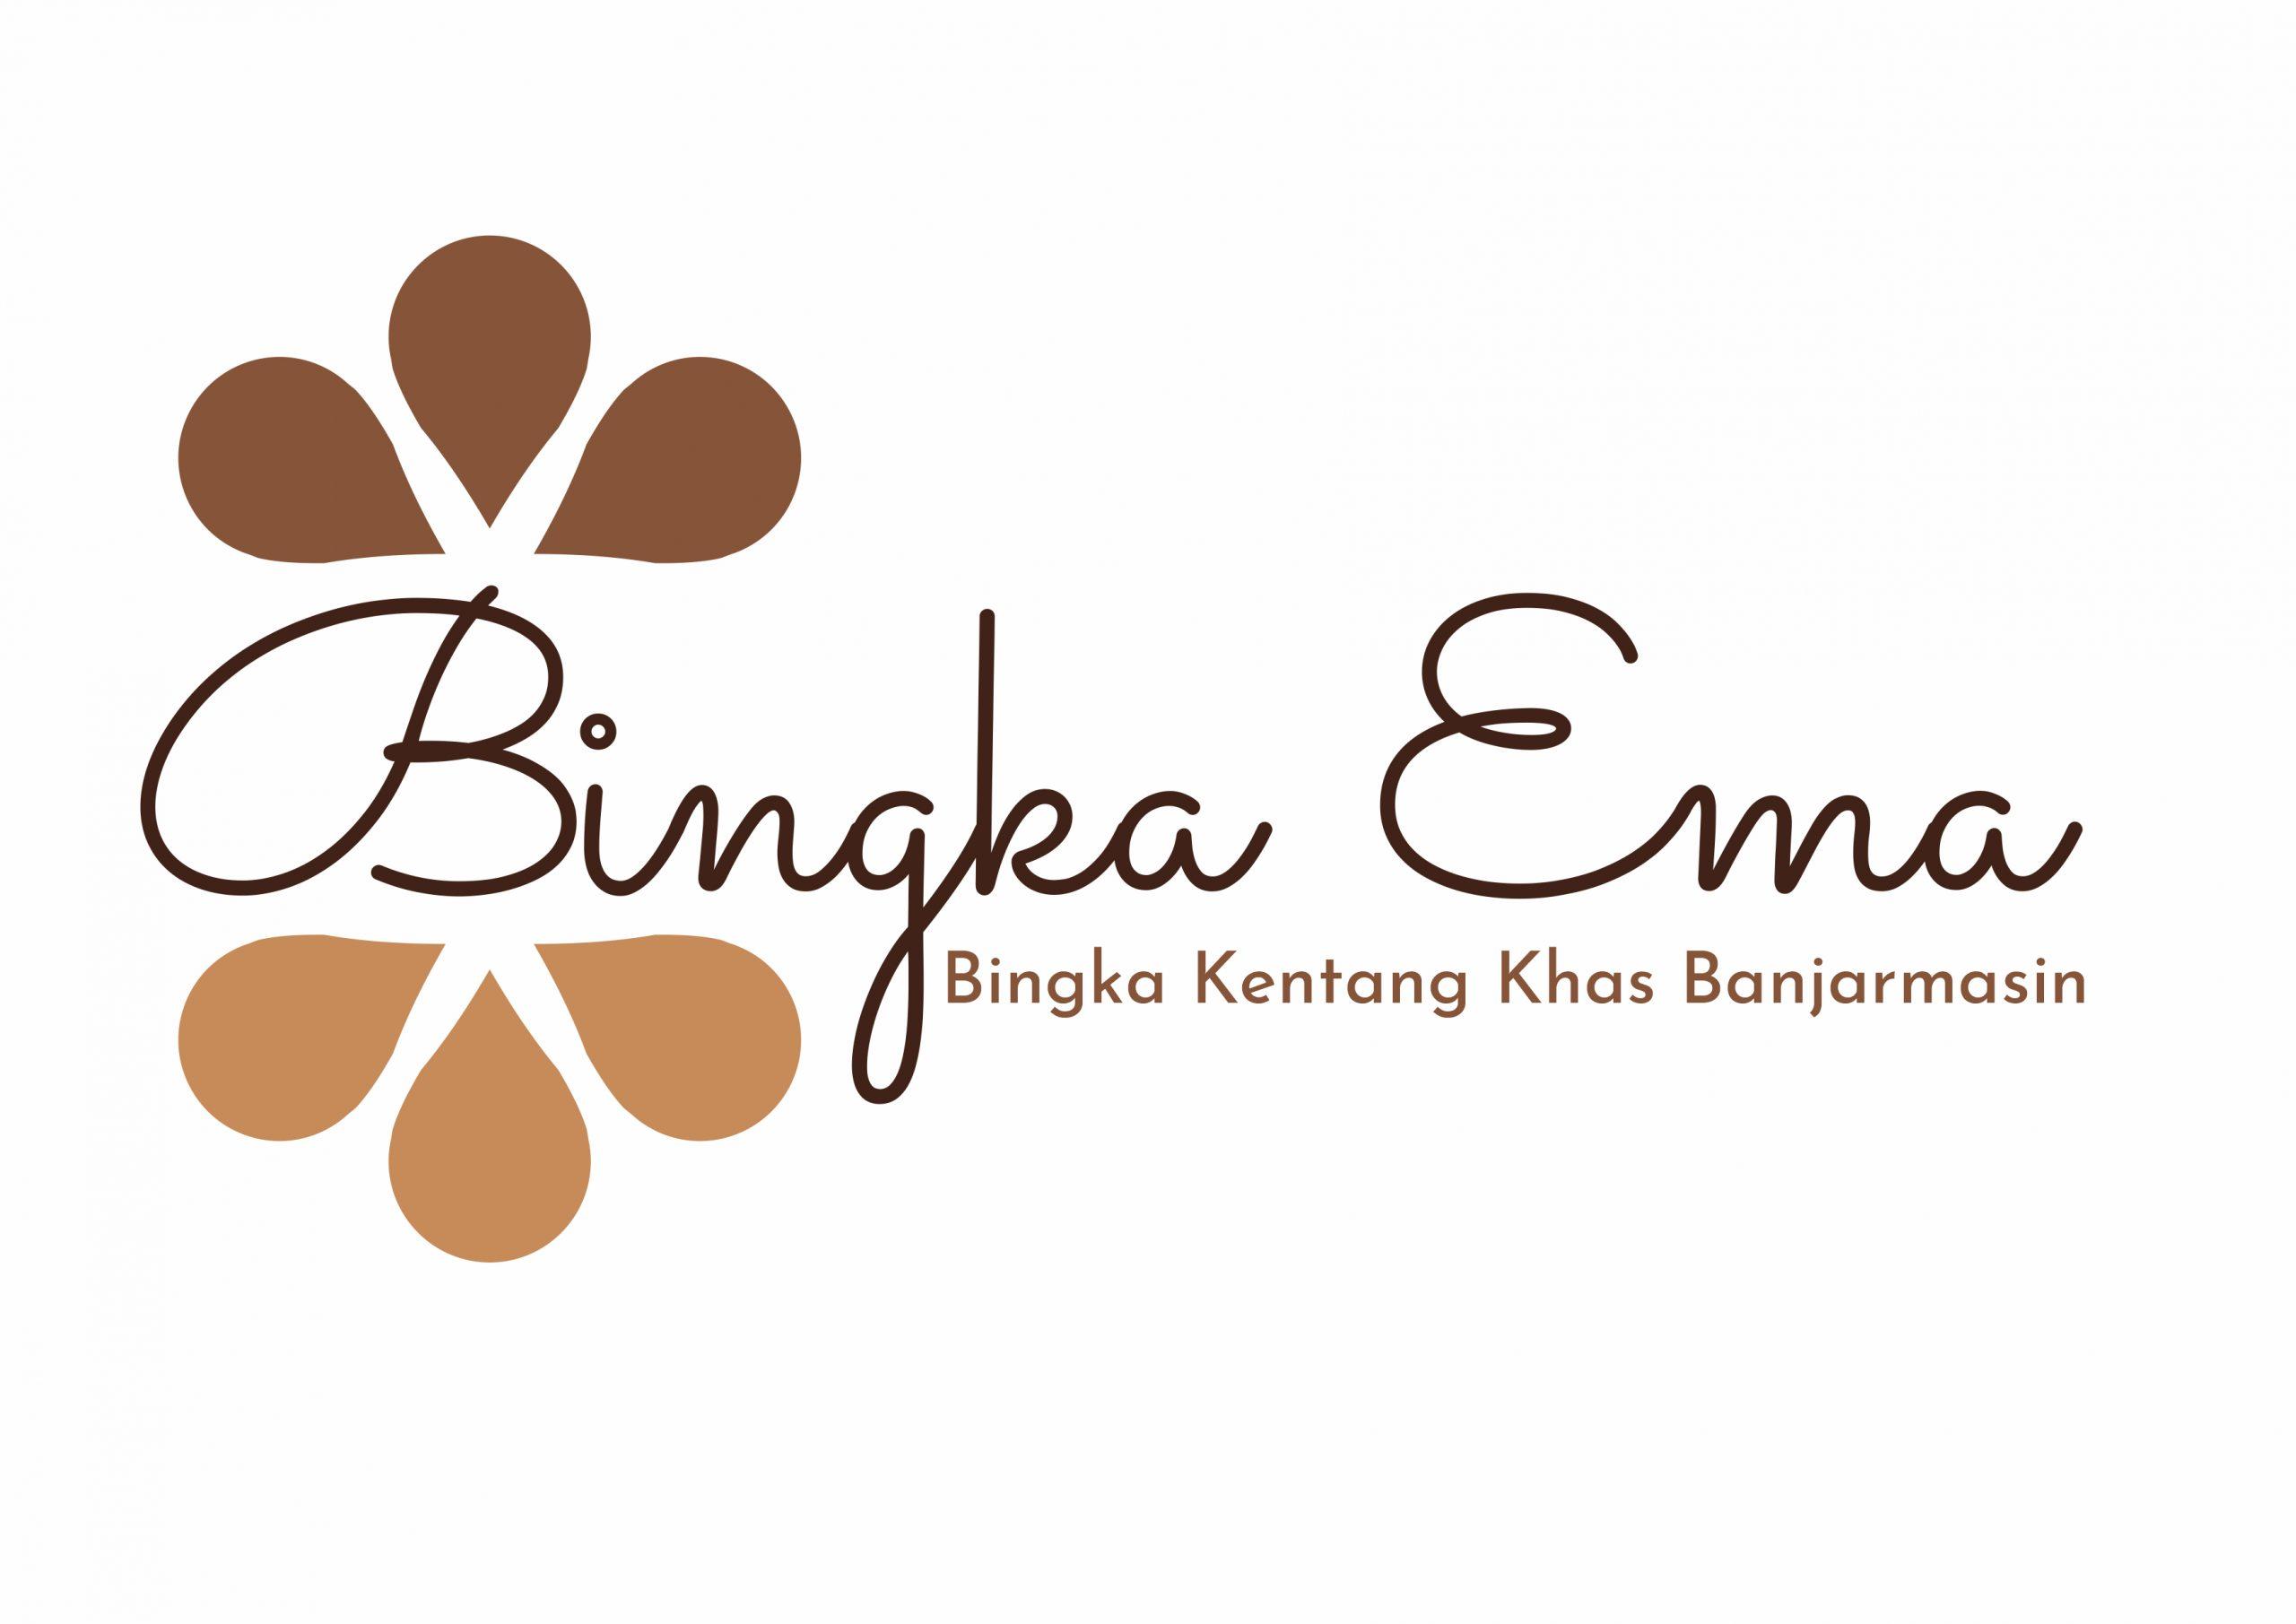 Bingka, Binke, Bingka Kentang, Bingka Tapai, Bingka Berandam, Bingka Khas Kalimantan, Bingka Banjarmasin, Bingka Pontianak, Bingka Gorontalo, Bingka Ema